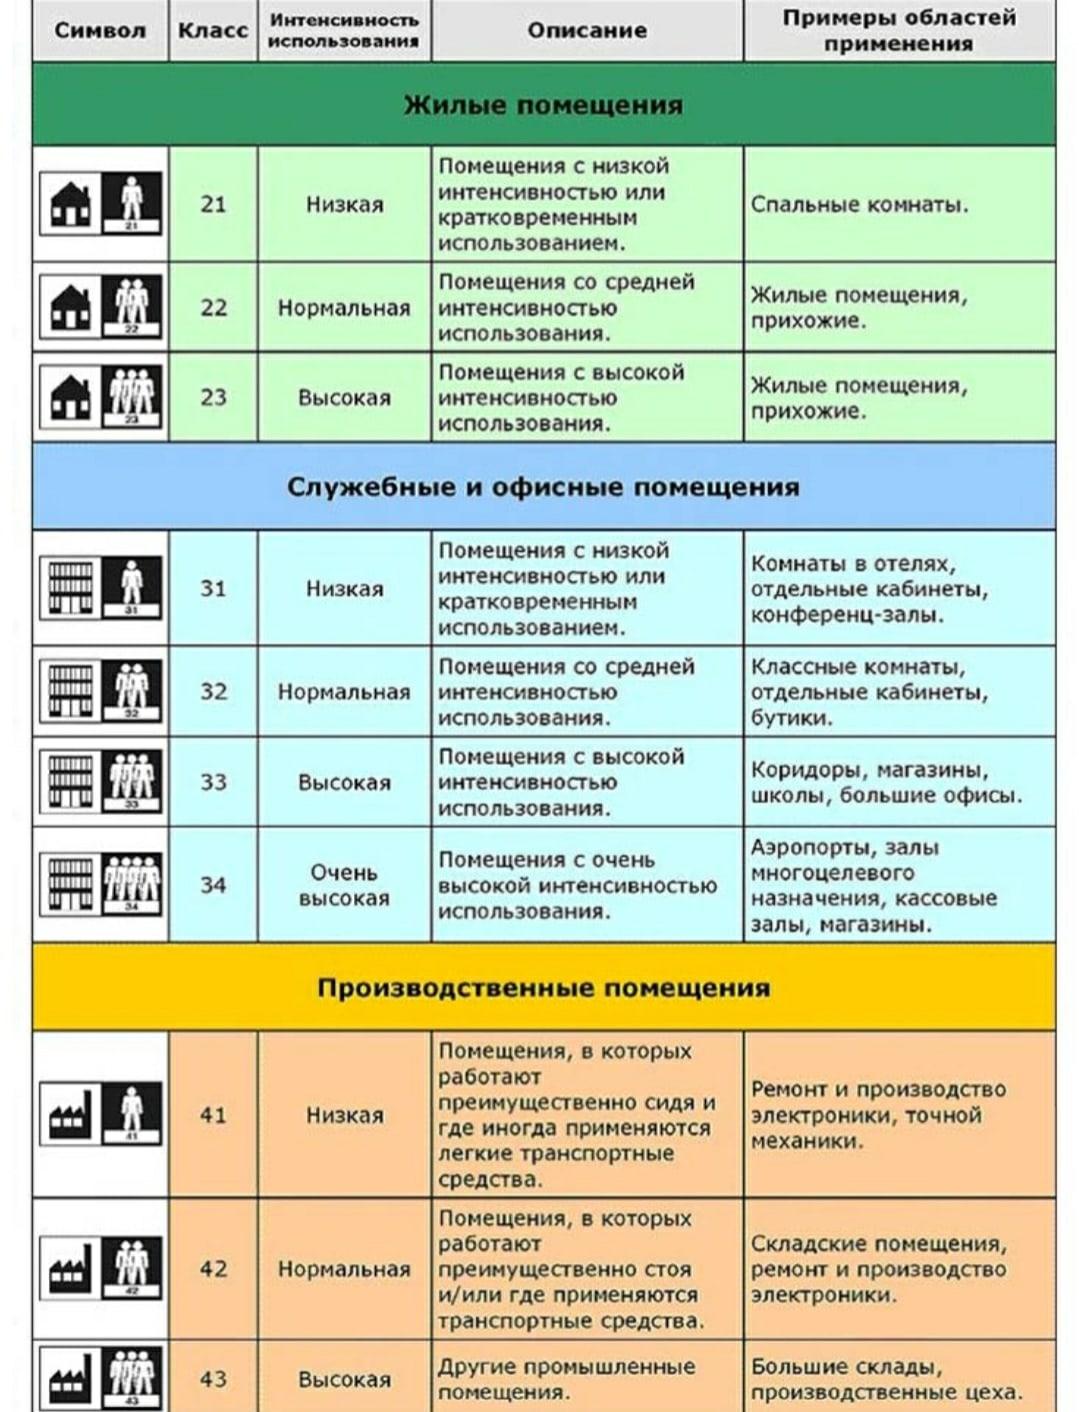 классы линолеума и примеры областей применения